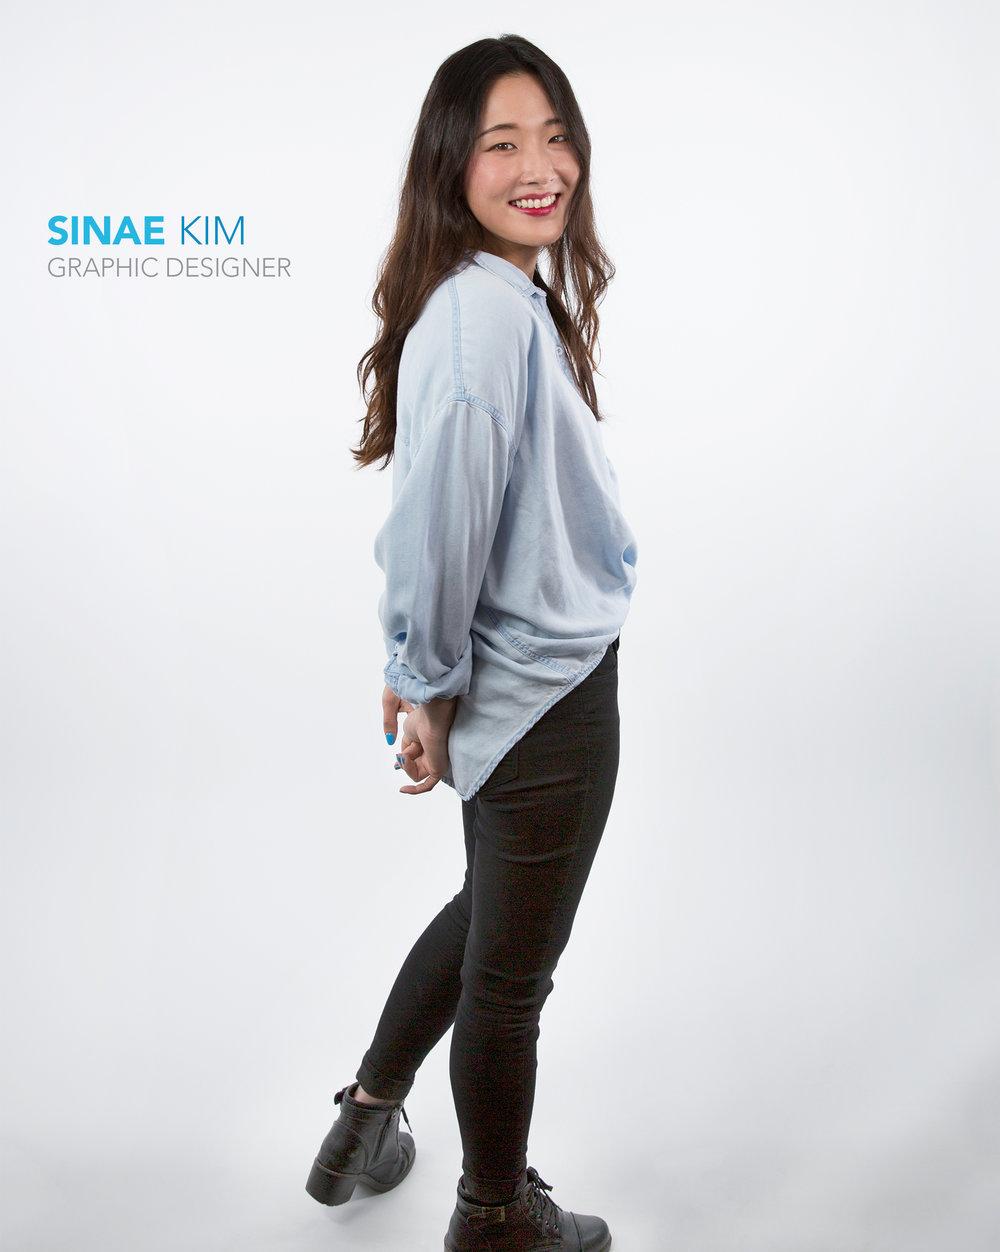 Sinae Kim Graphic Designer